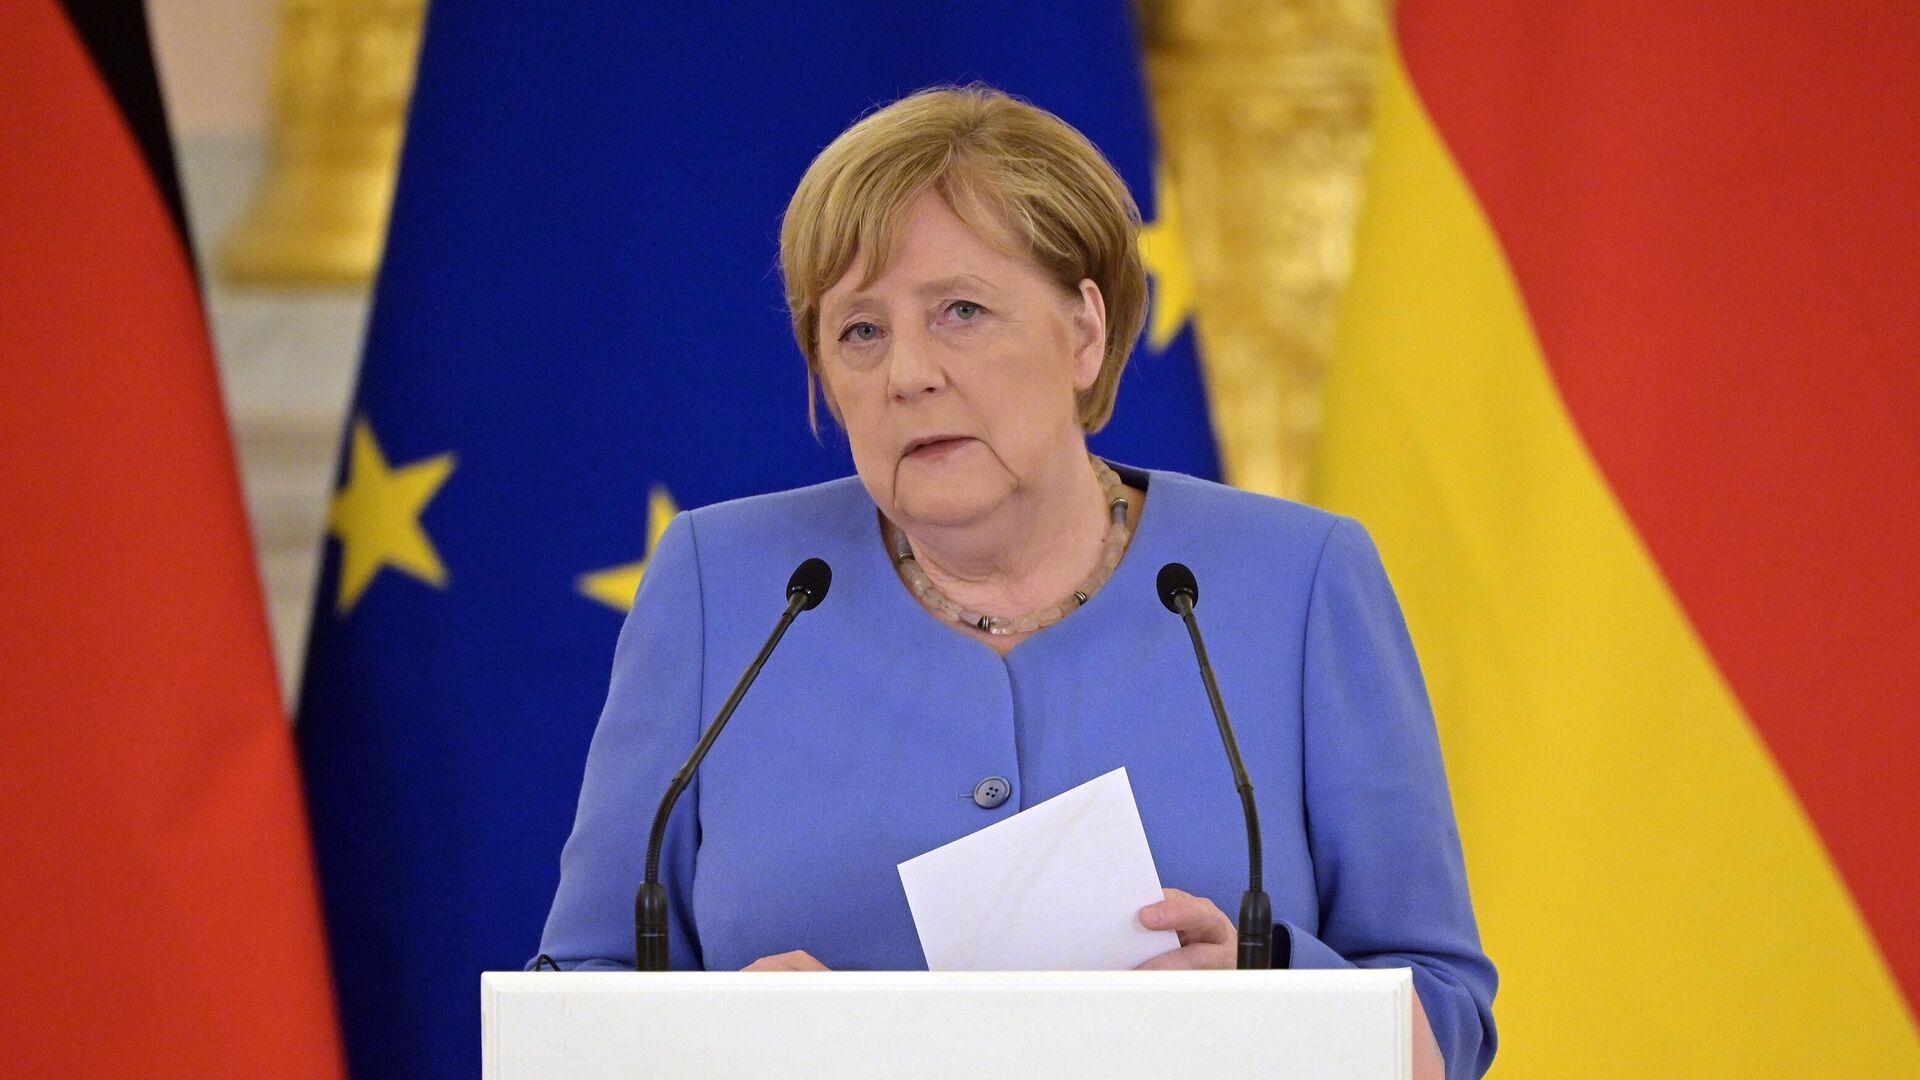 Федеральный канцлер Германии Ангела Меркель во время совместной с президентом РФ Владимиром Путиным пресс-конференции - РИА Новости, 1920, 06.10.2021